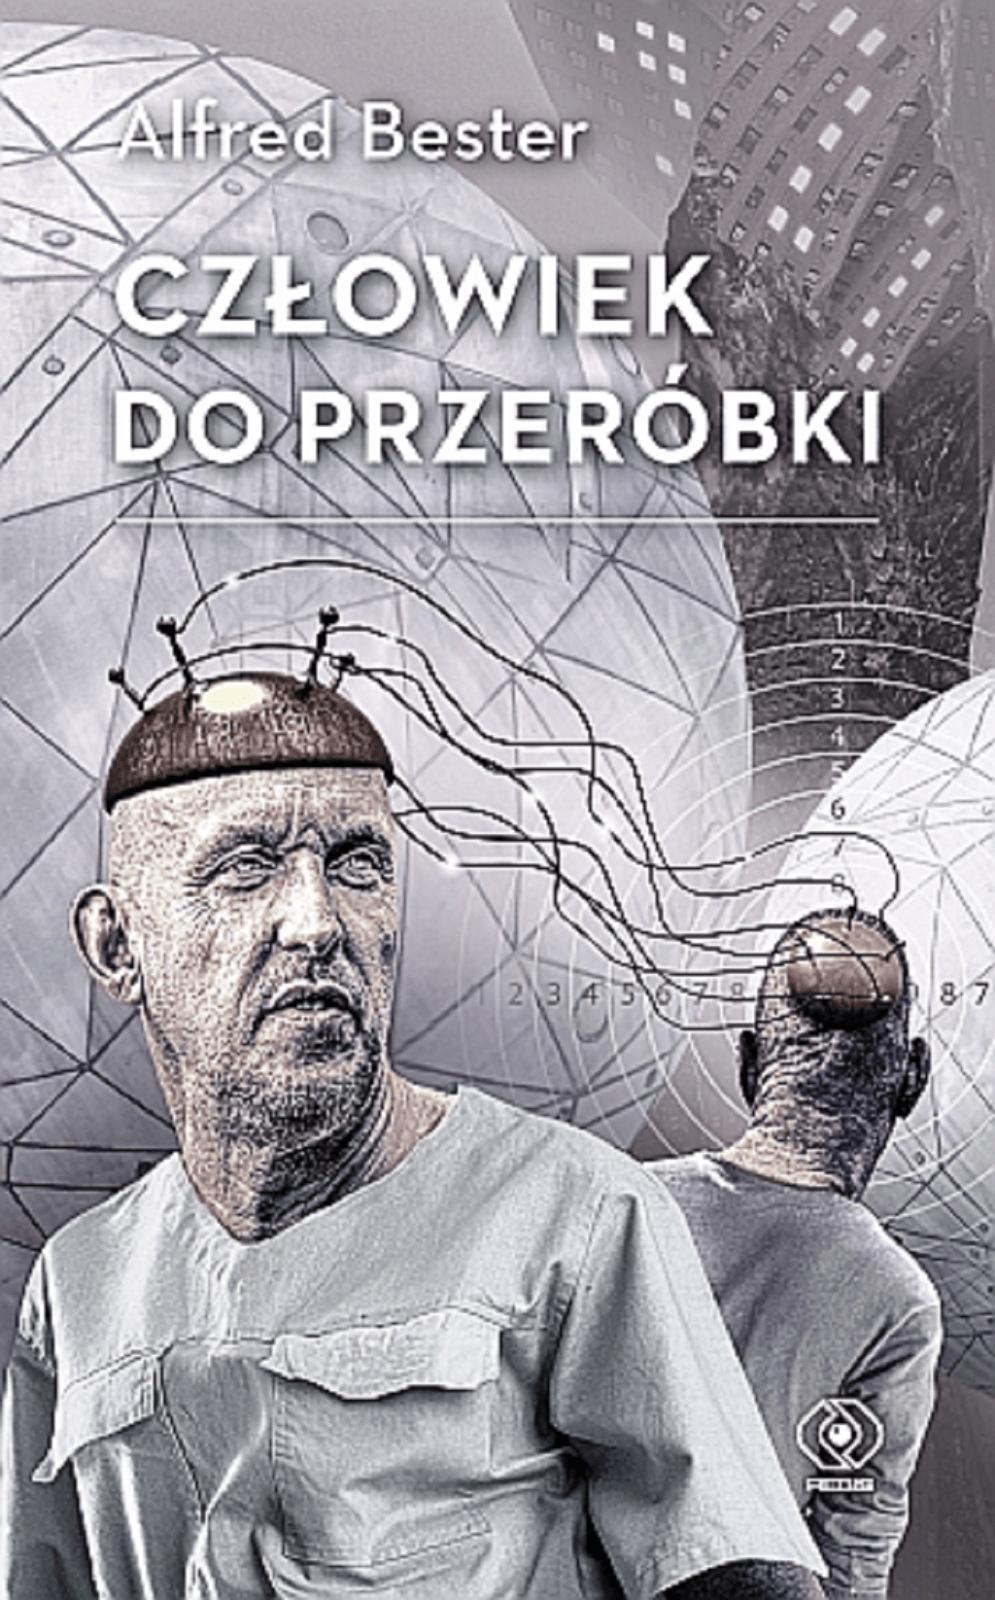 Alfred Bester – Człowiek do przeróbki